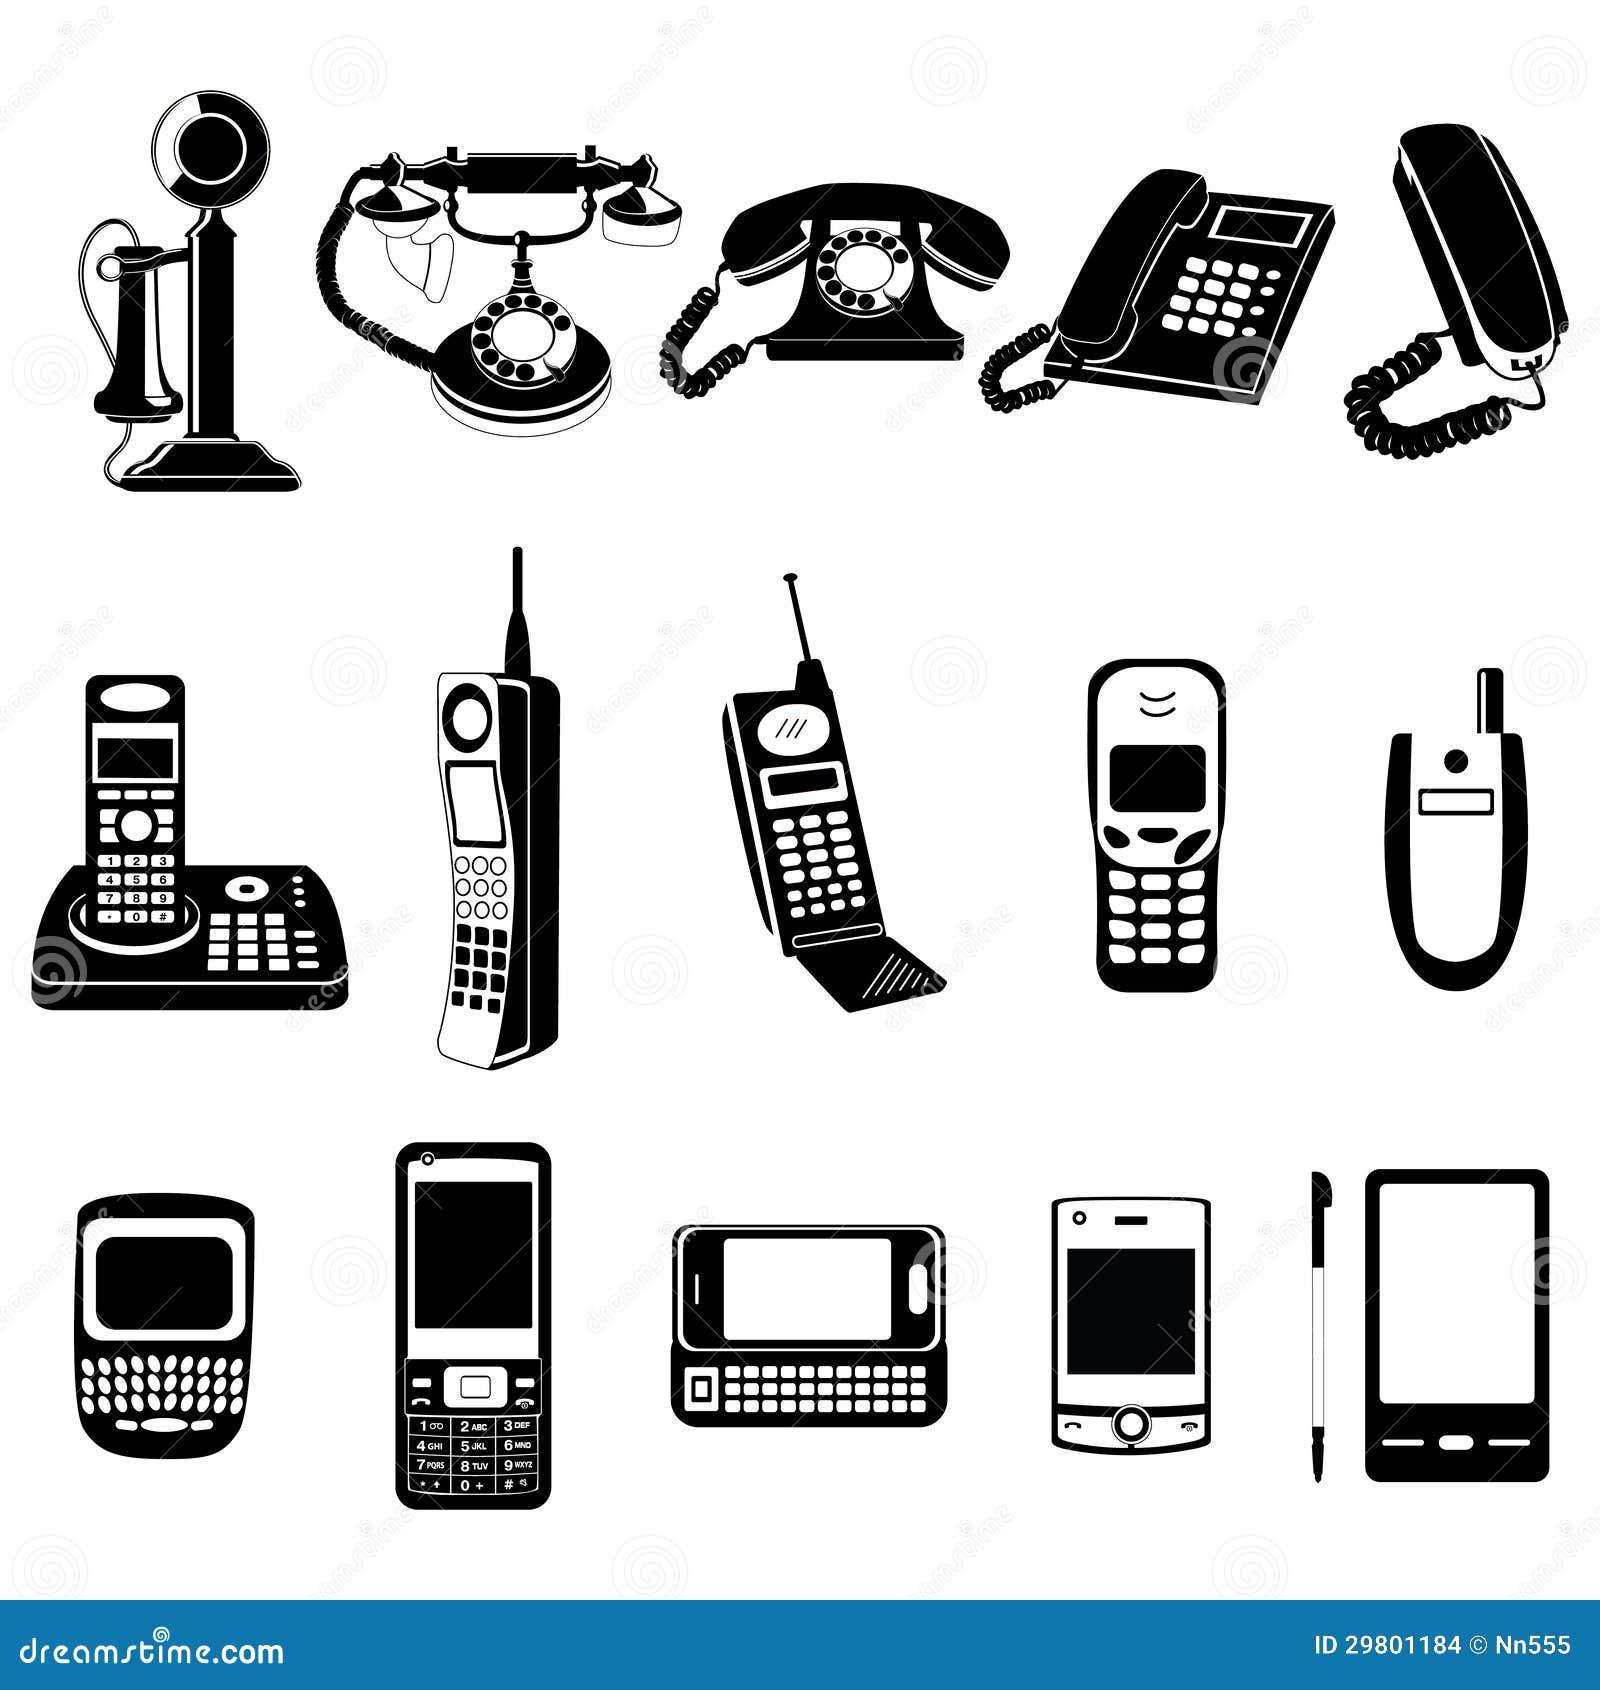 porno-s-predmetami-dlya-telefona